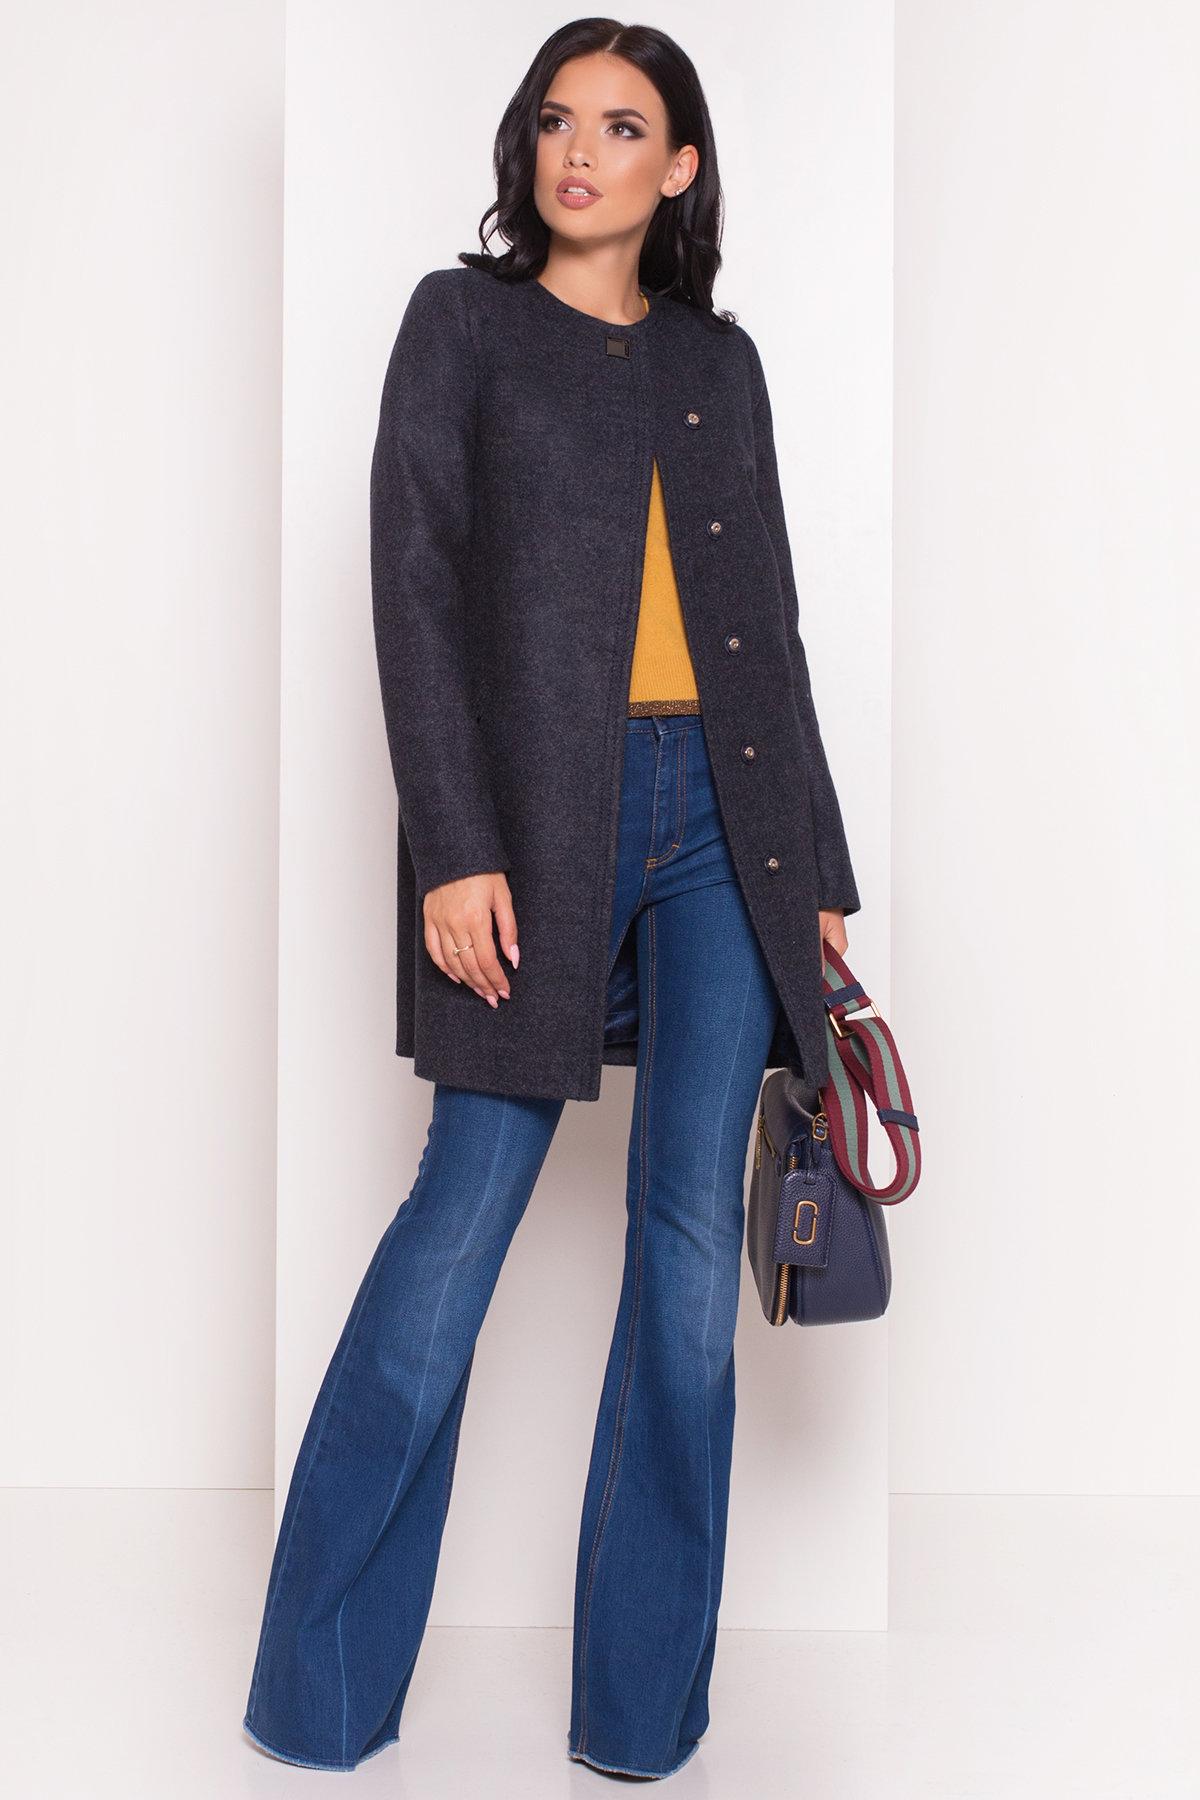 Купить пальто в Харькове Modus Демисезонное пальто Ферран 5369